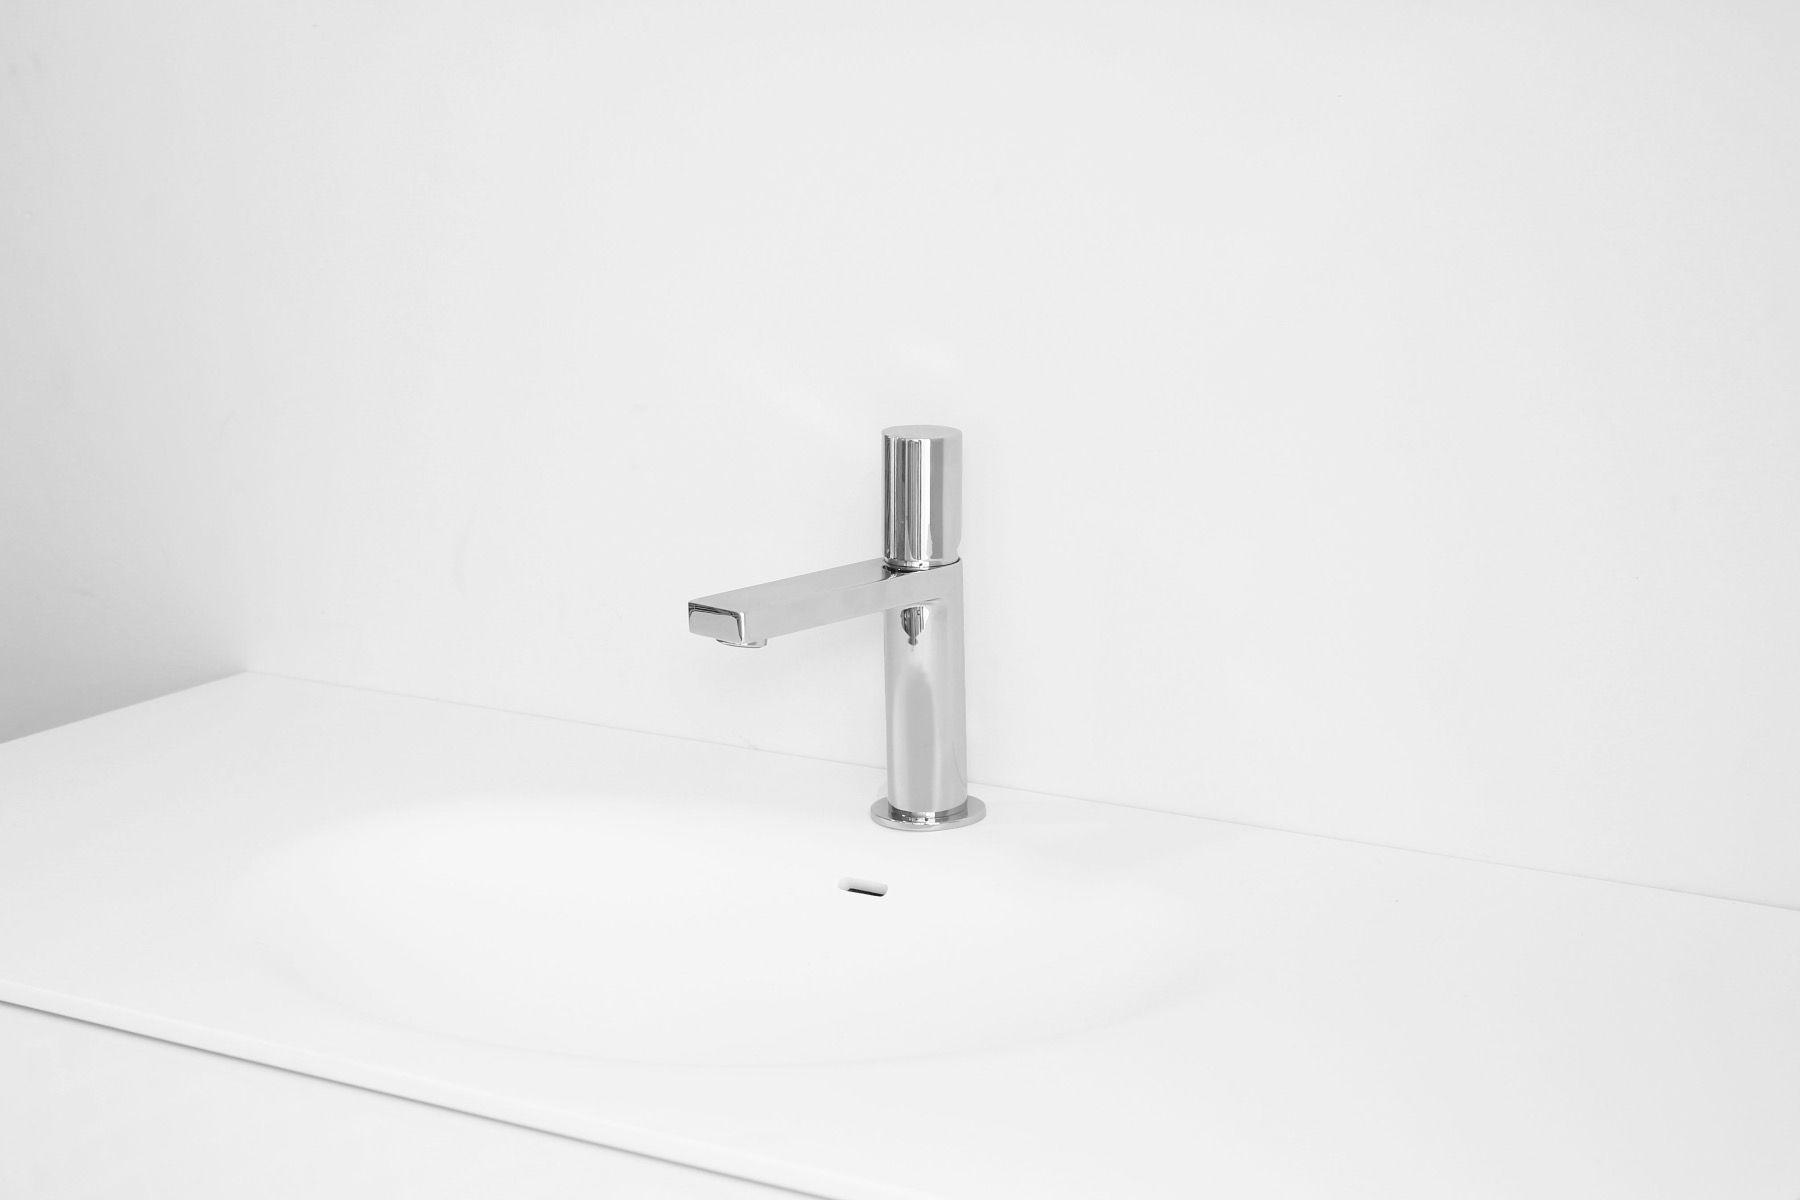 Exil mitigeur lavabo bas chromé Lavabos Pinterest